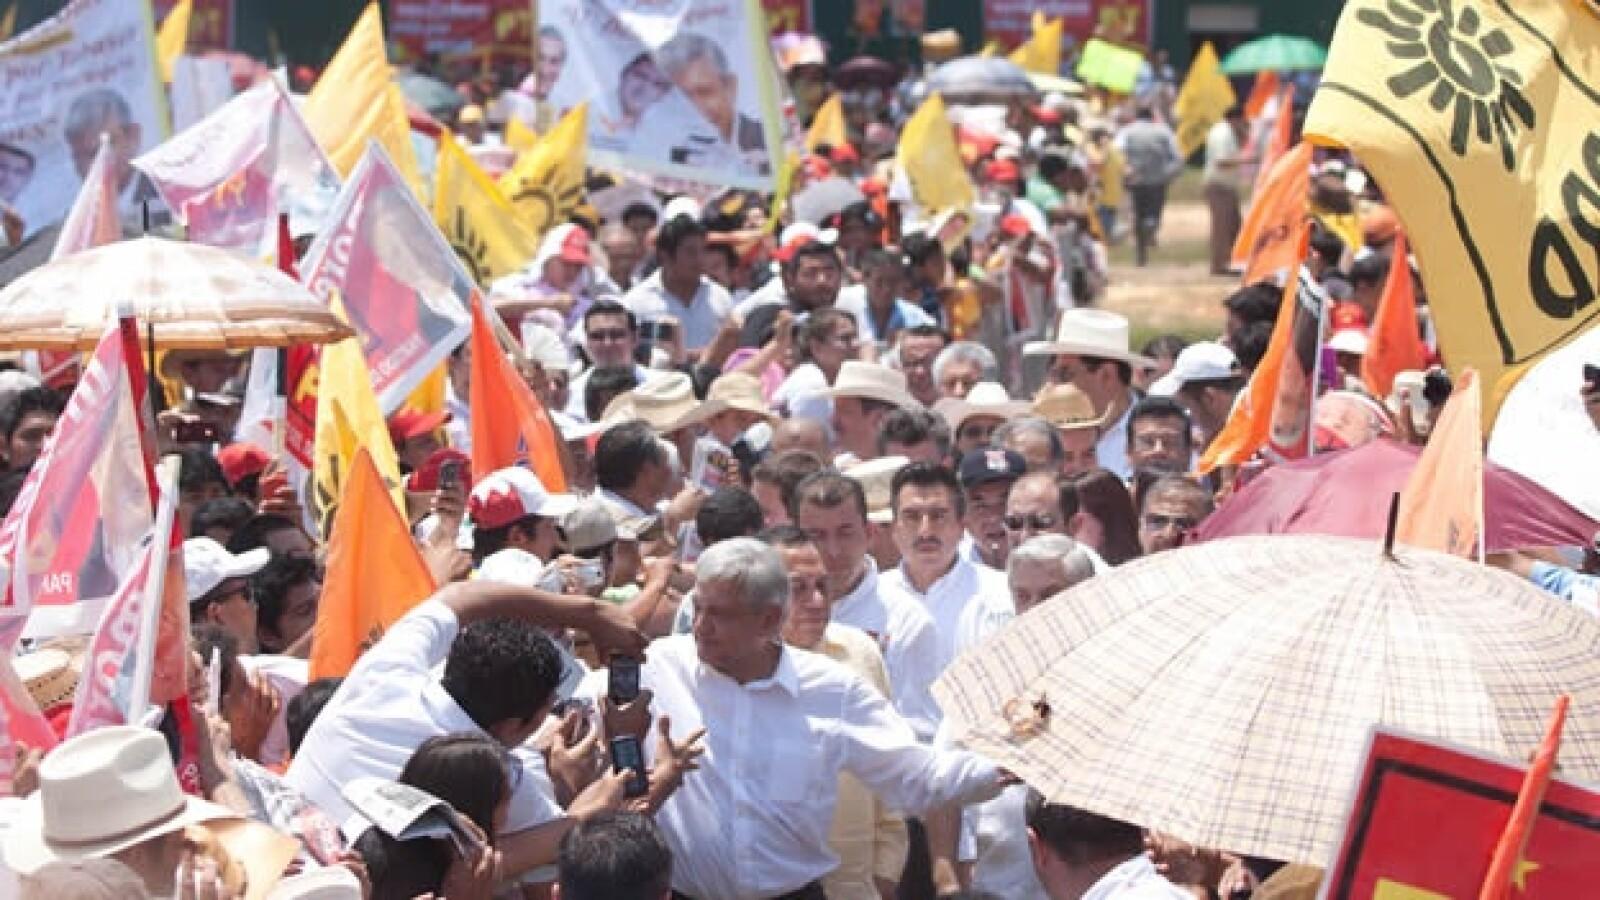 Lopez Obrador inicia campaña en macuspana